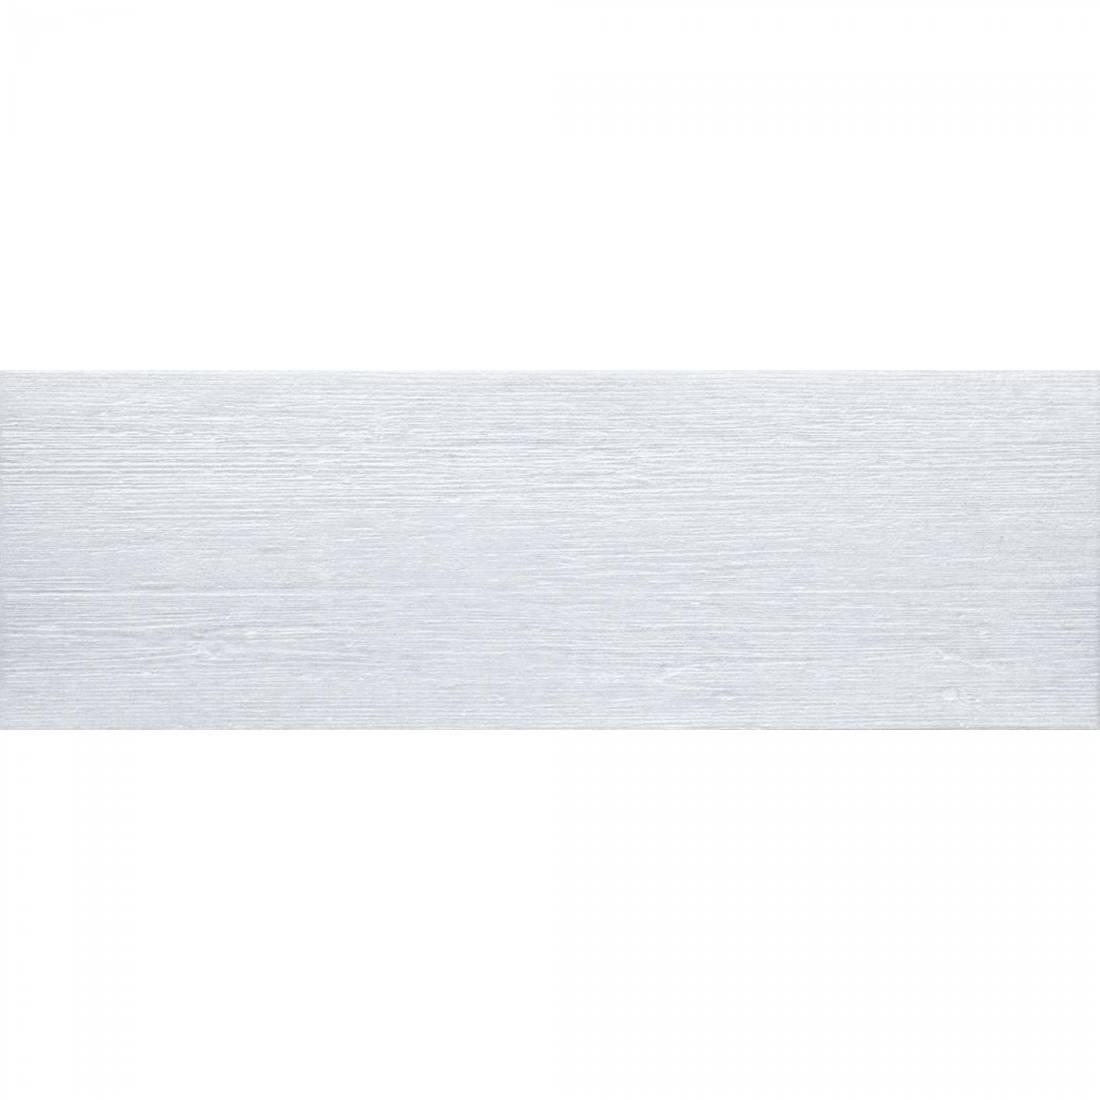 Pino Wood 16.5x49.5 White 1